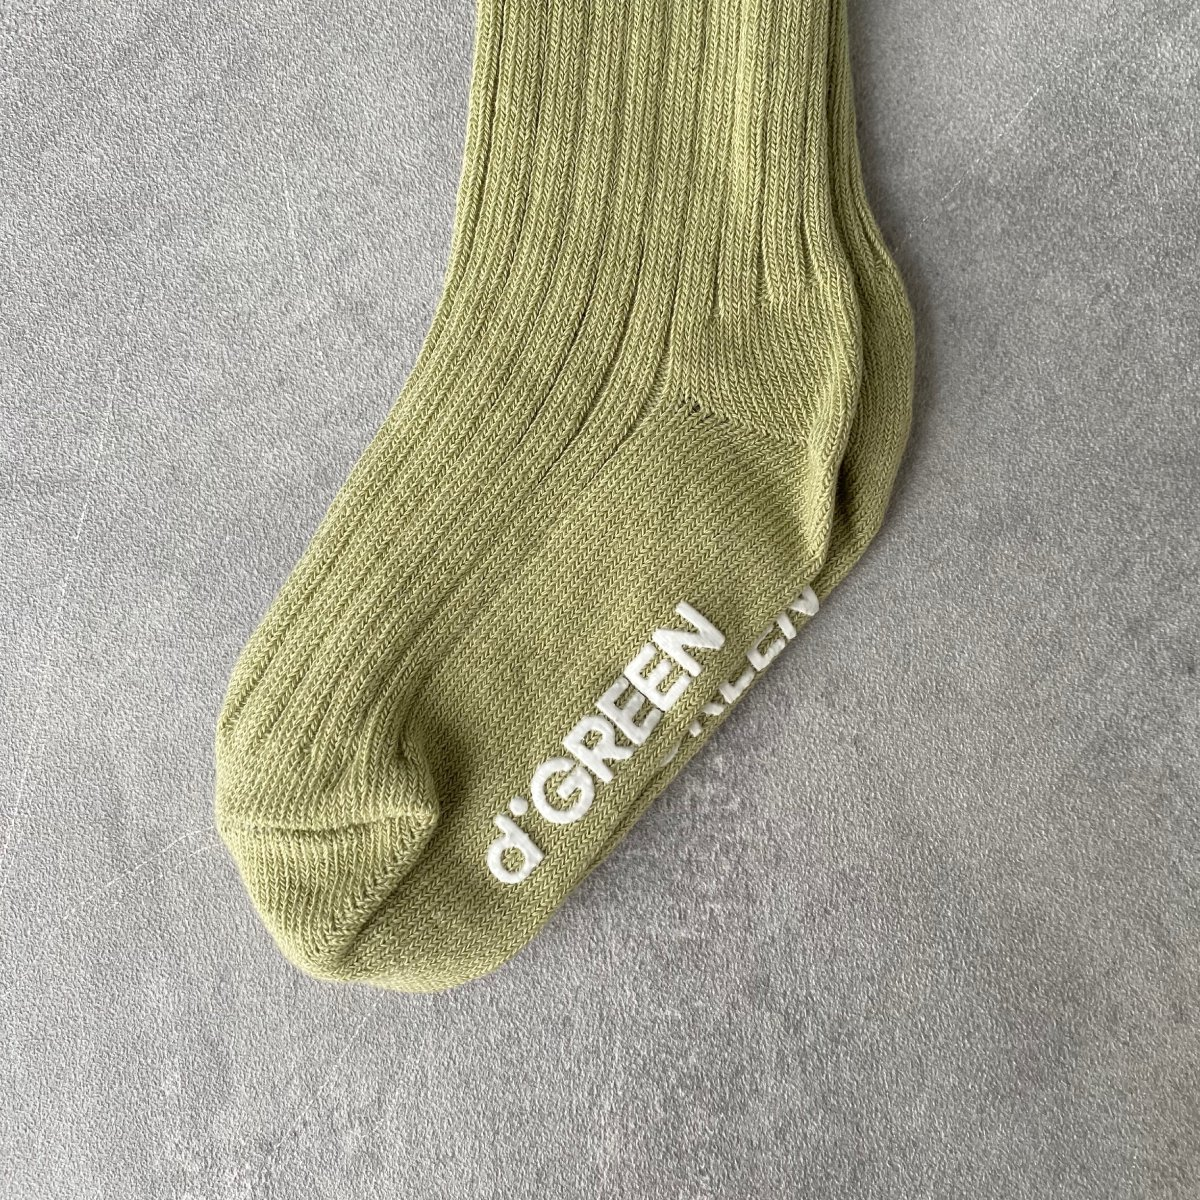 【KIDS】Pistachio Socks 詳細画像10